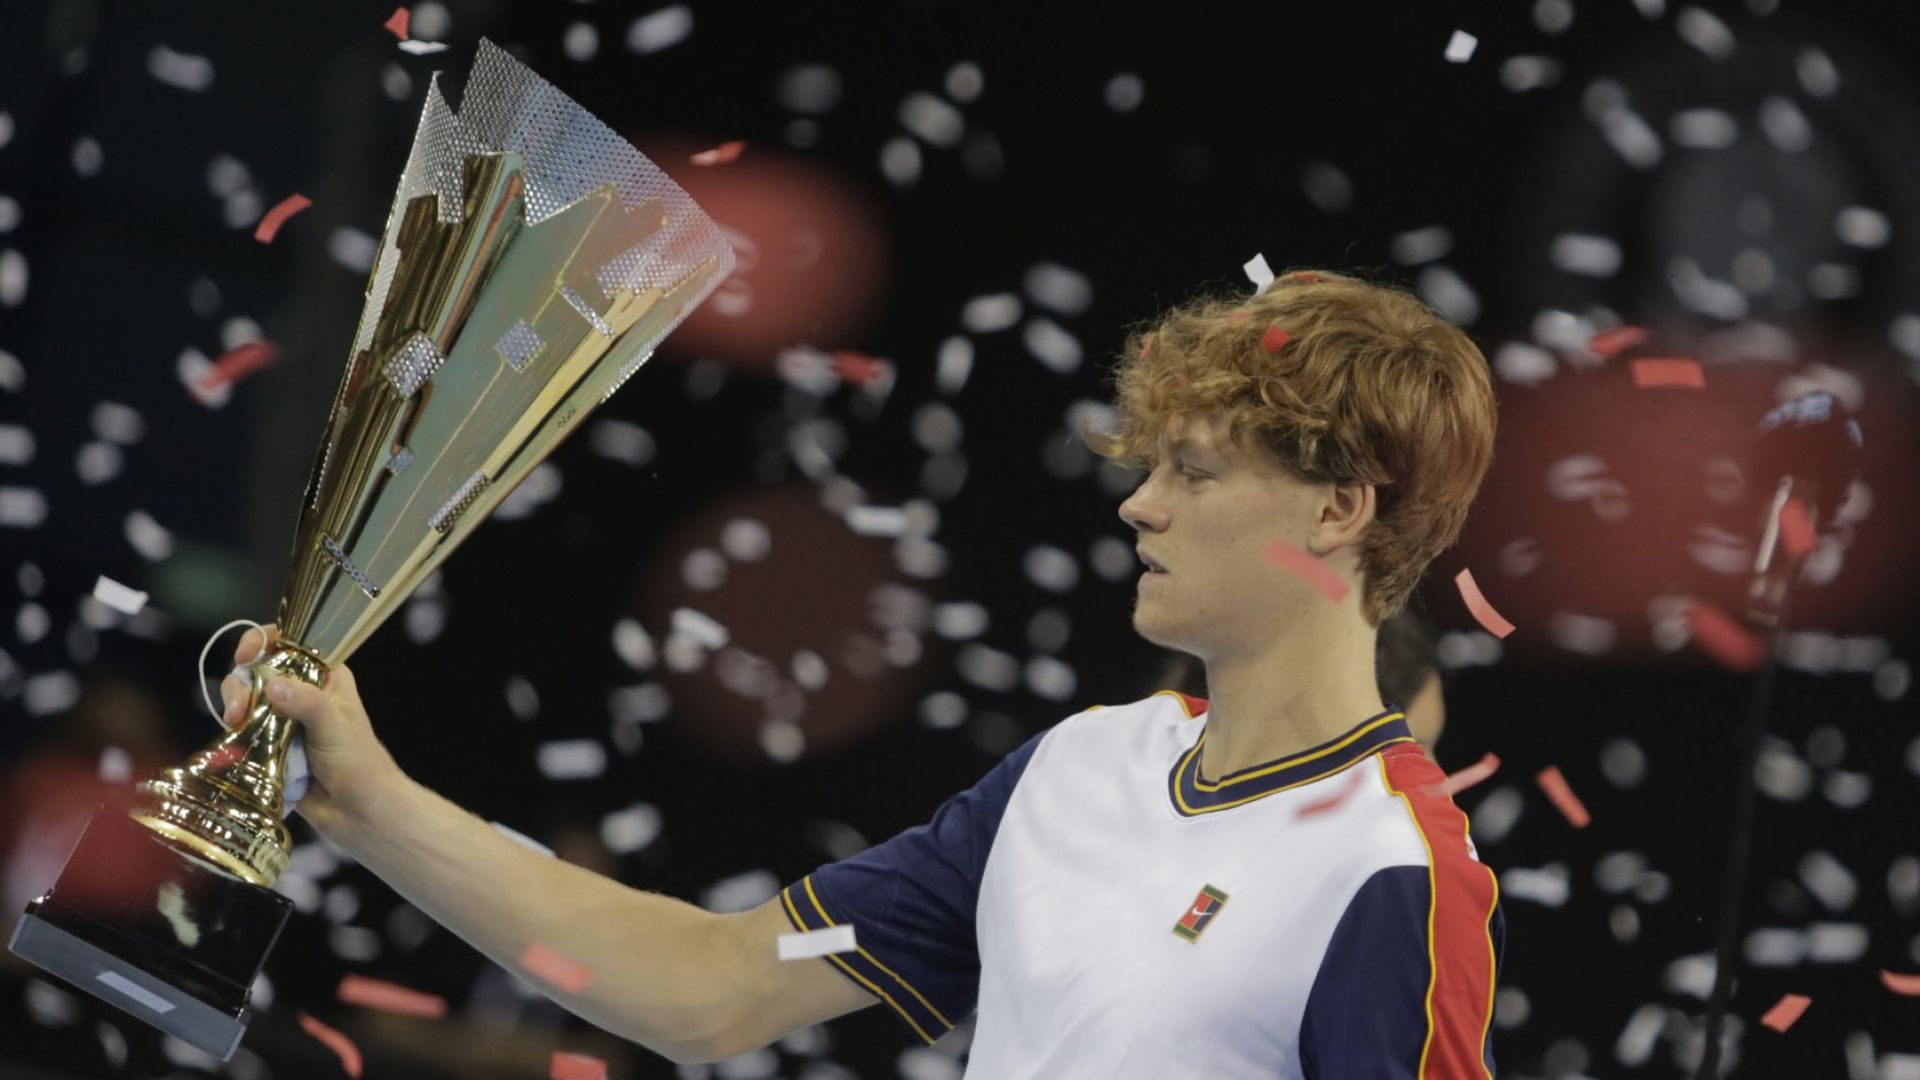 Яник Синер влезе в елитна компания на млади шампиони с титлата си в София